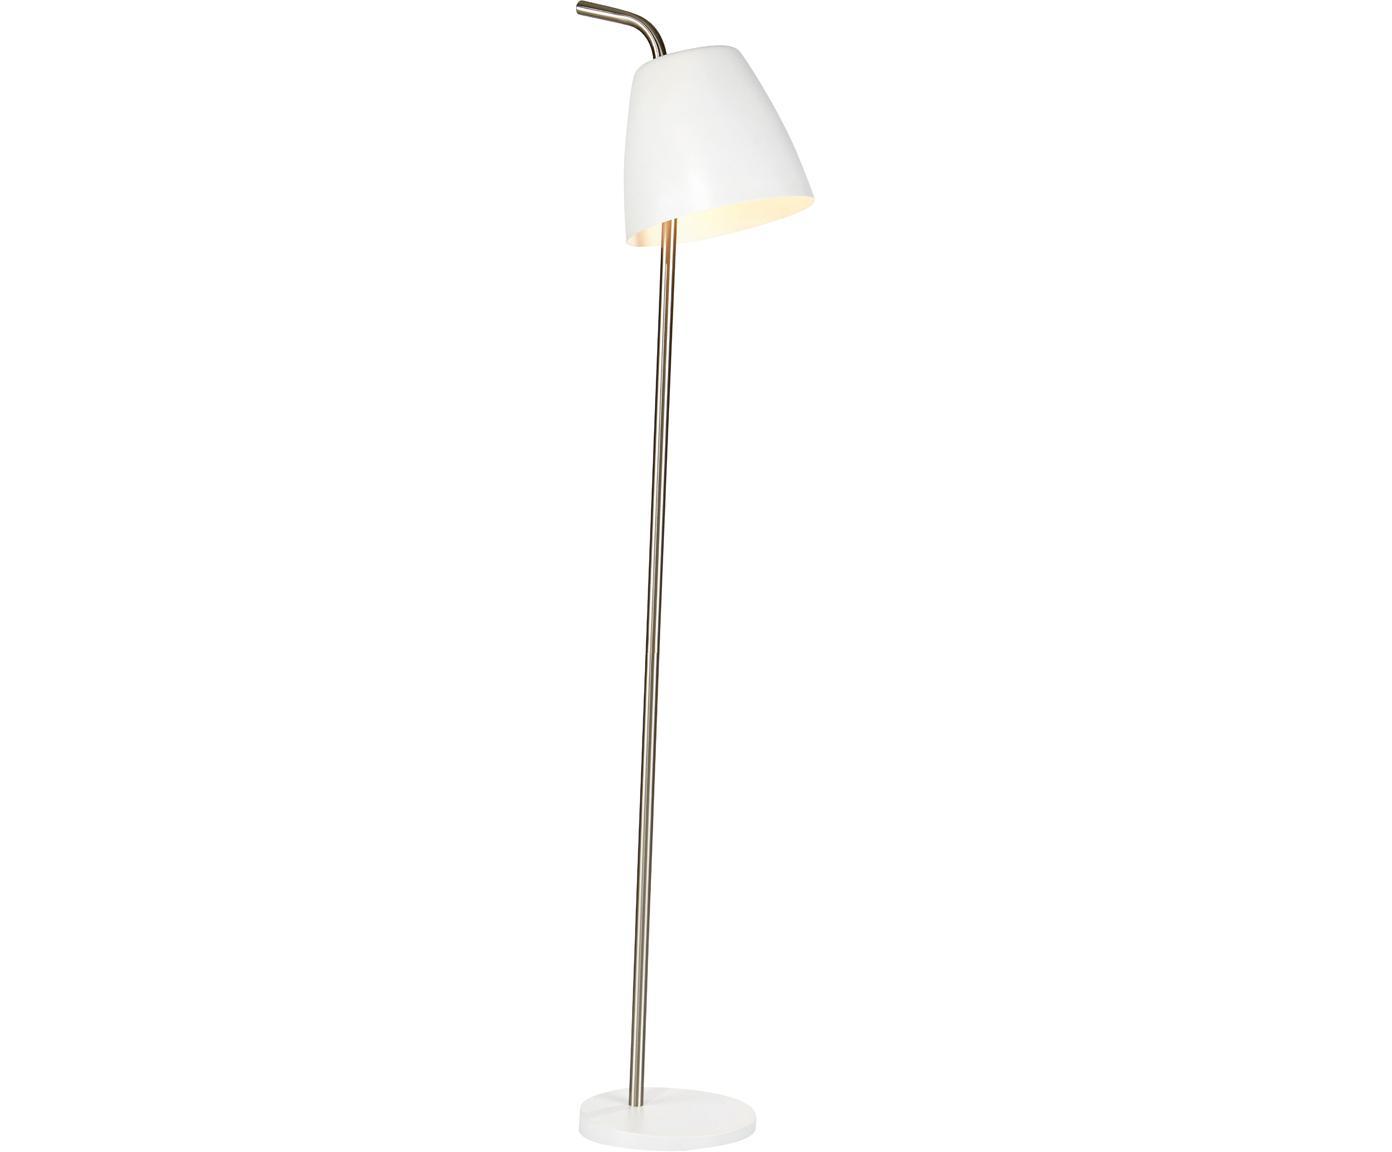 Stehlampe Spin, Leuchte: Metall, lackiert, Silberfarben, Ø 31 x H 137 cm